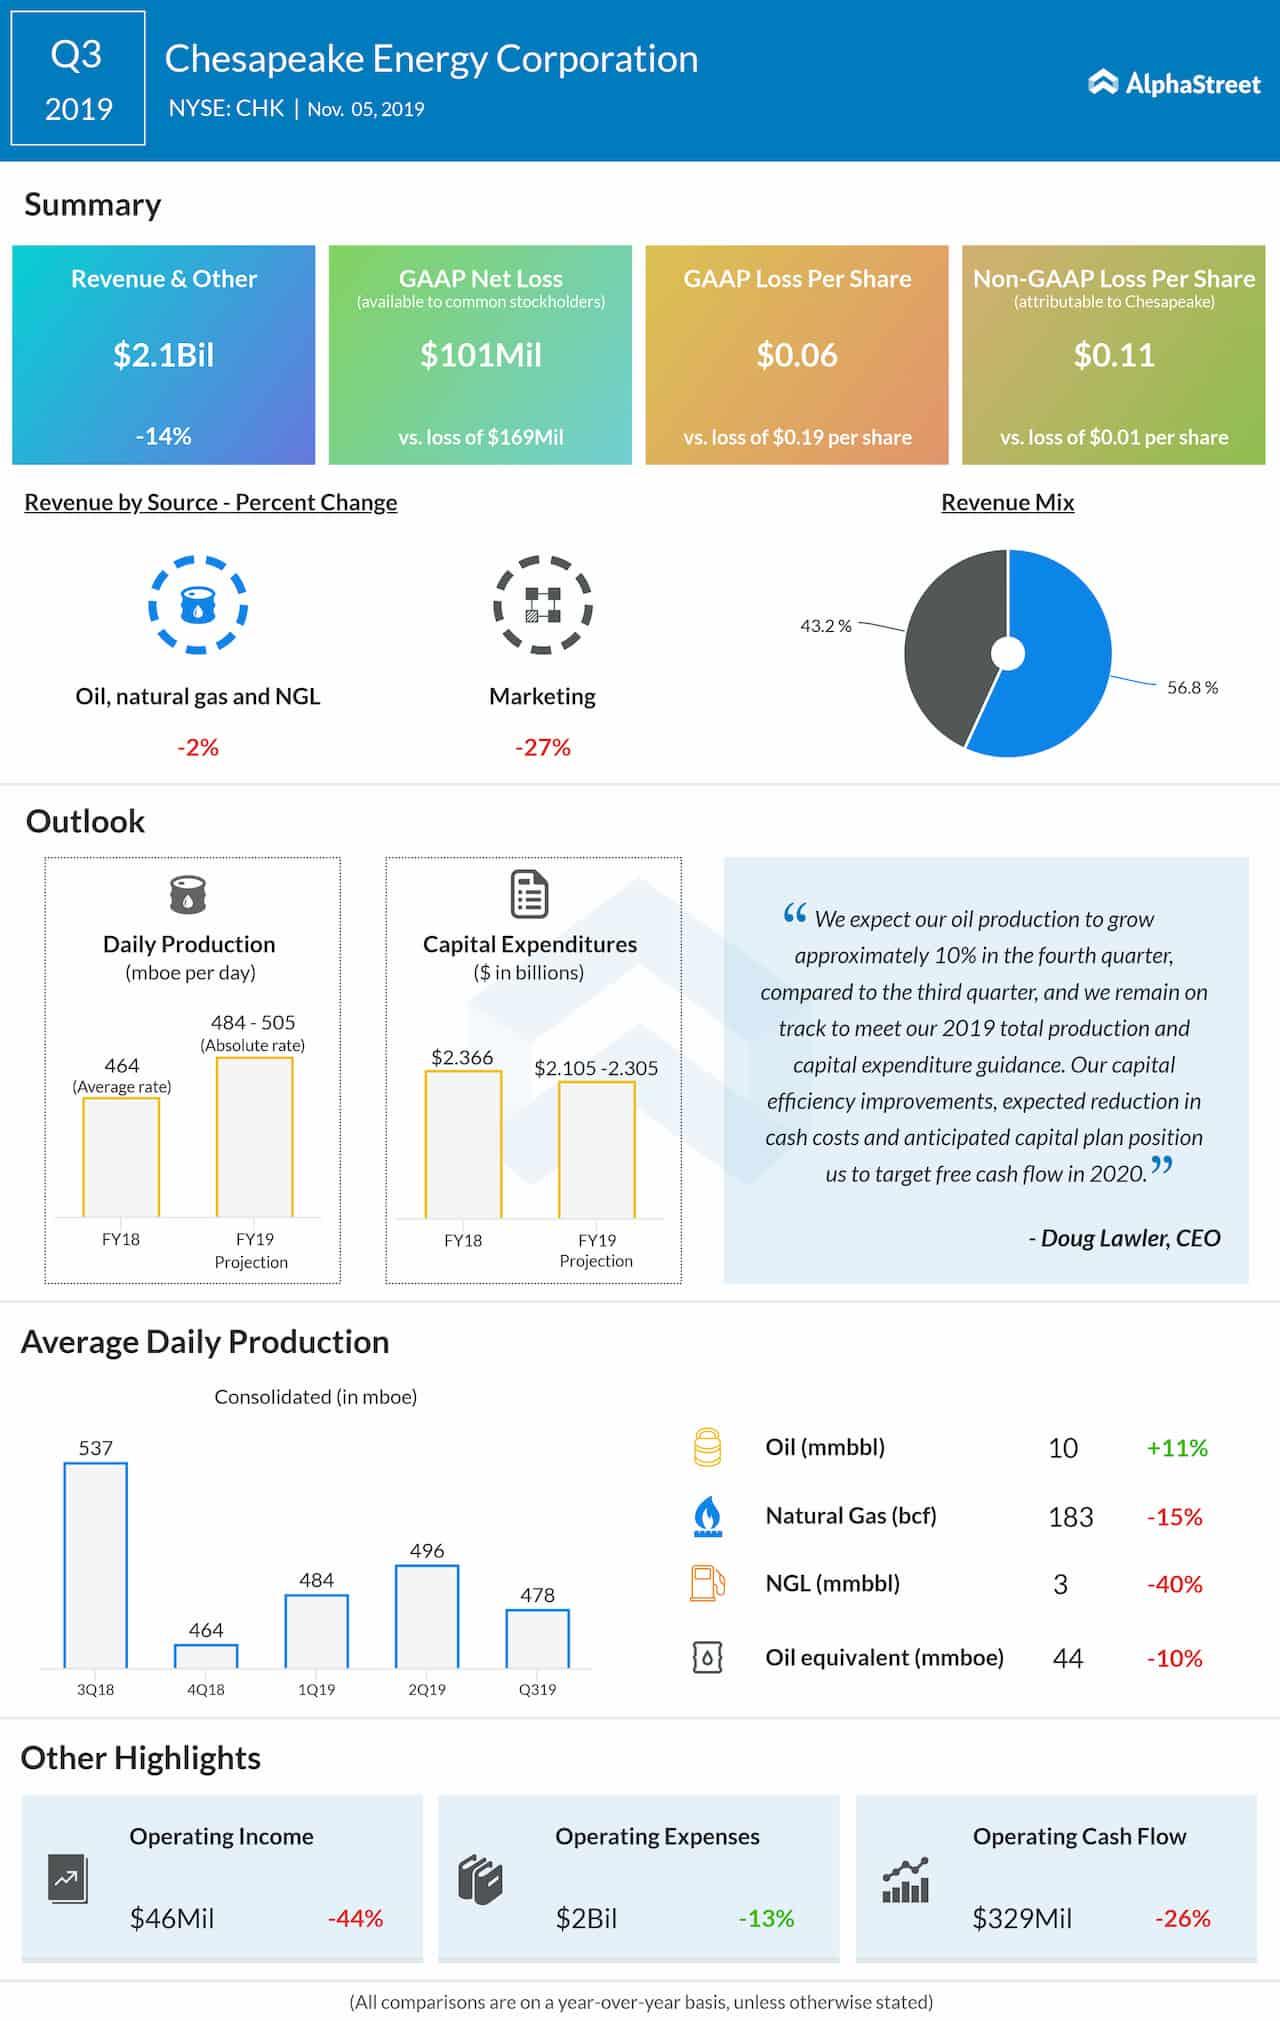 Chesapeake Energy Corp. (NASDAQ: CHK): Q3 2019 Earnings Snapshot